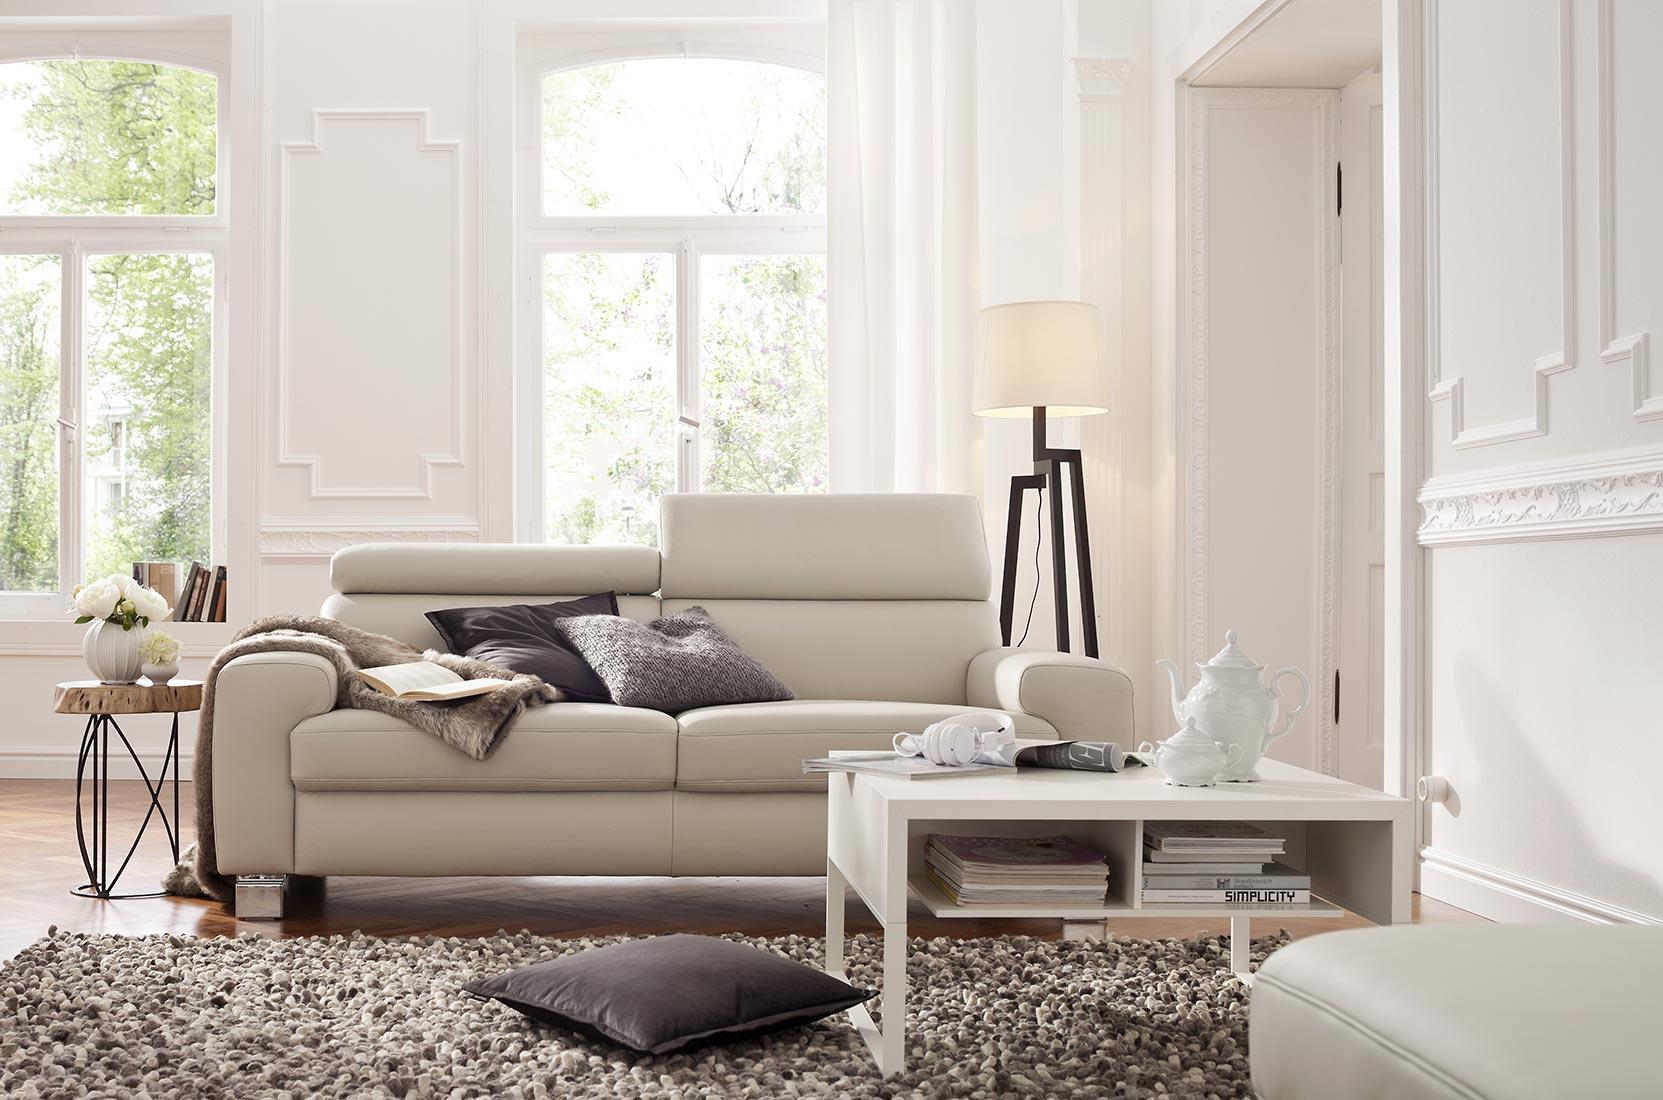 Einzigartig Möbel Röthing Beste Wahl Ein Schlichtes Weißes Ledersofa Macht Sich Gut